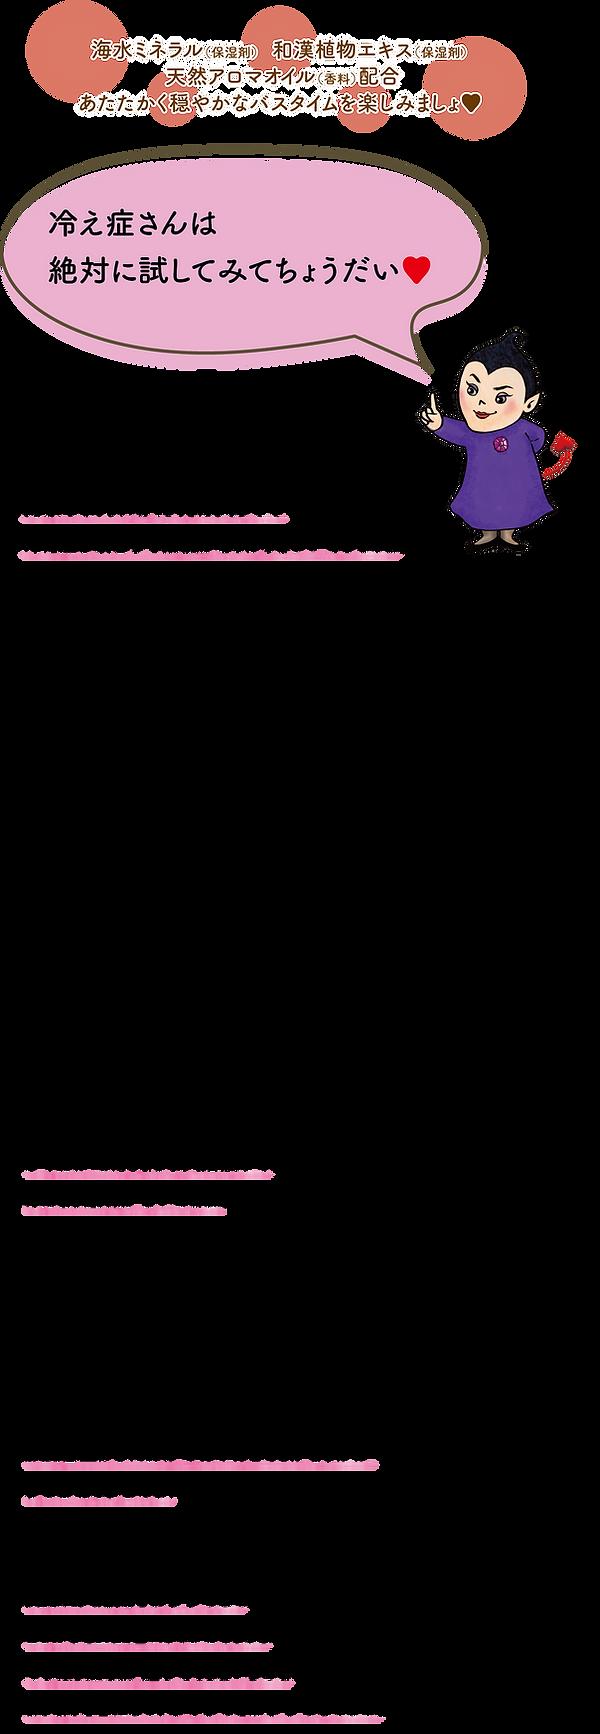 バスソルト2.png